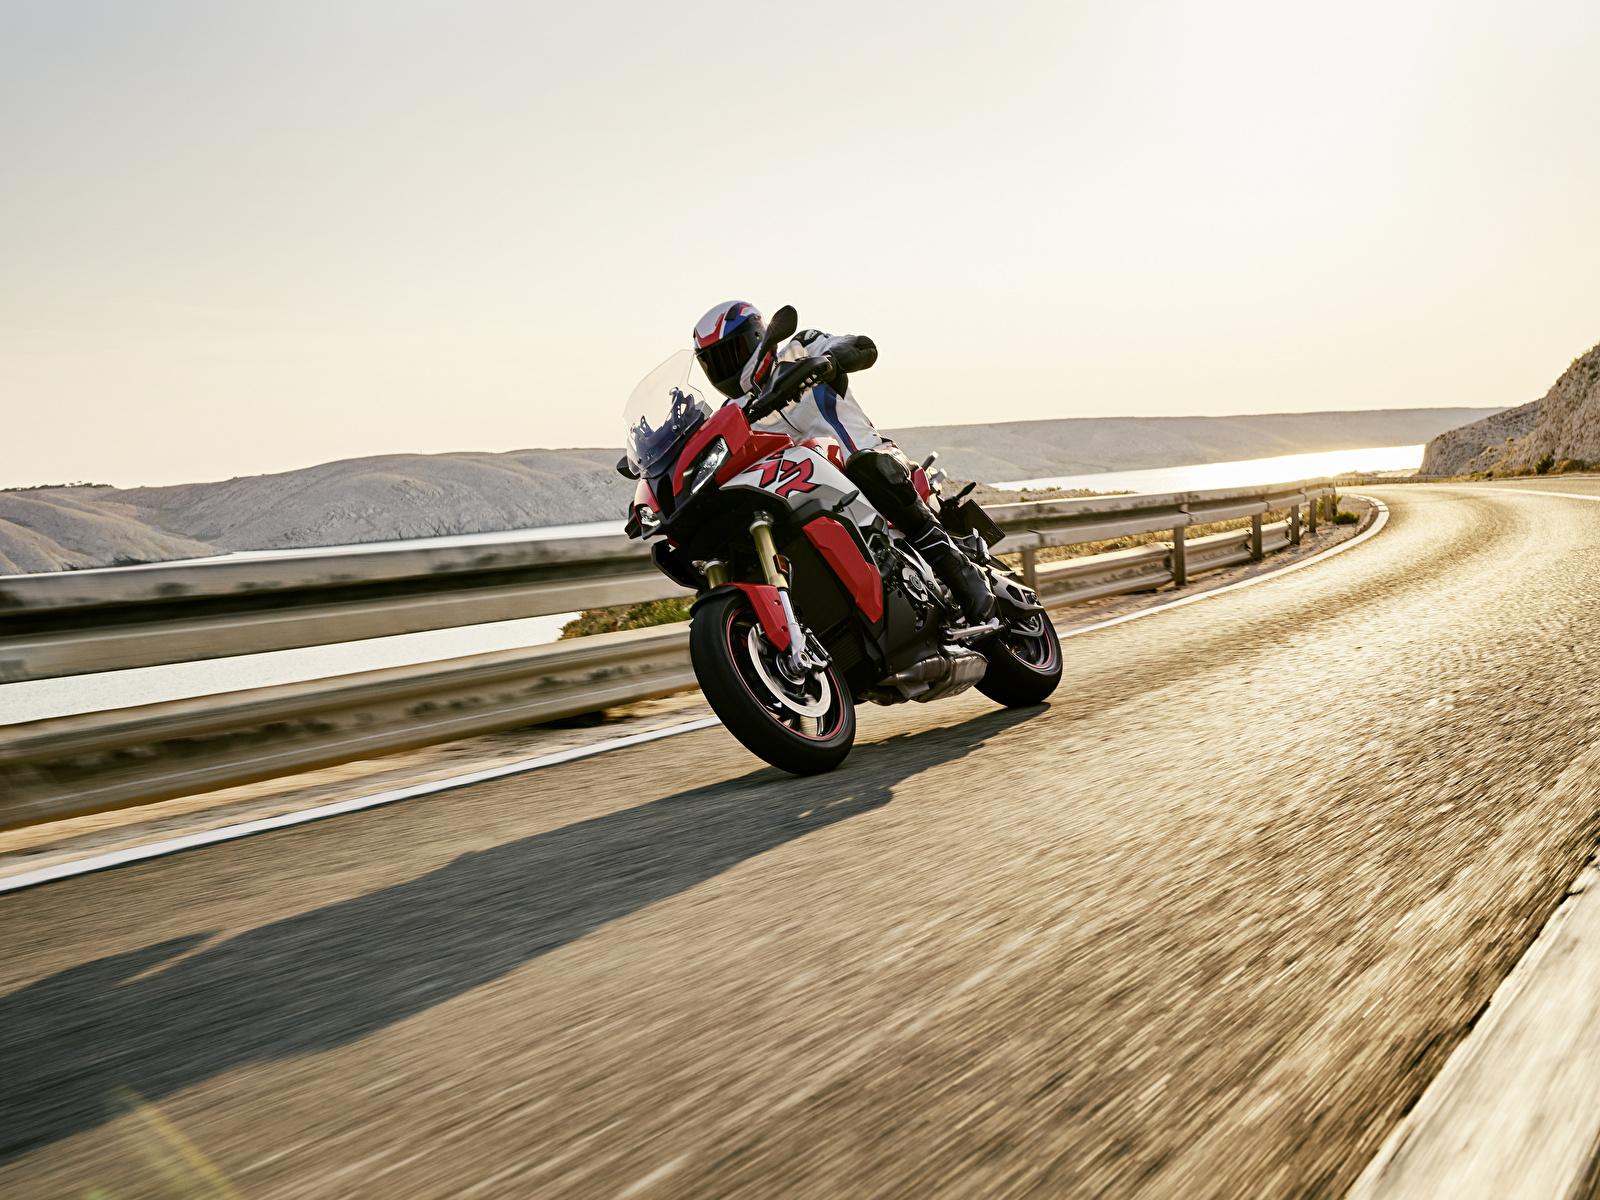 Картинка БМВ 2020 S 1000 XR Мотоциклы едущий Мотоциклист 1600x1200 BMW - Мотоциклы мотоцикл едет едущая Движение скорость